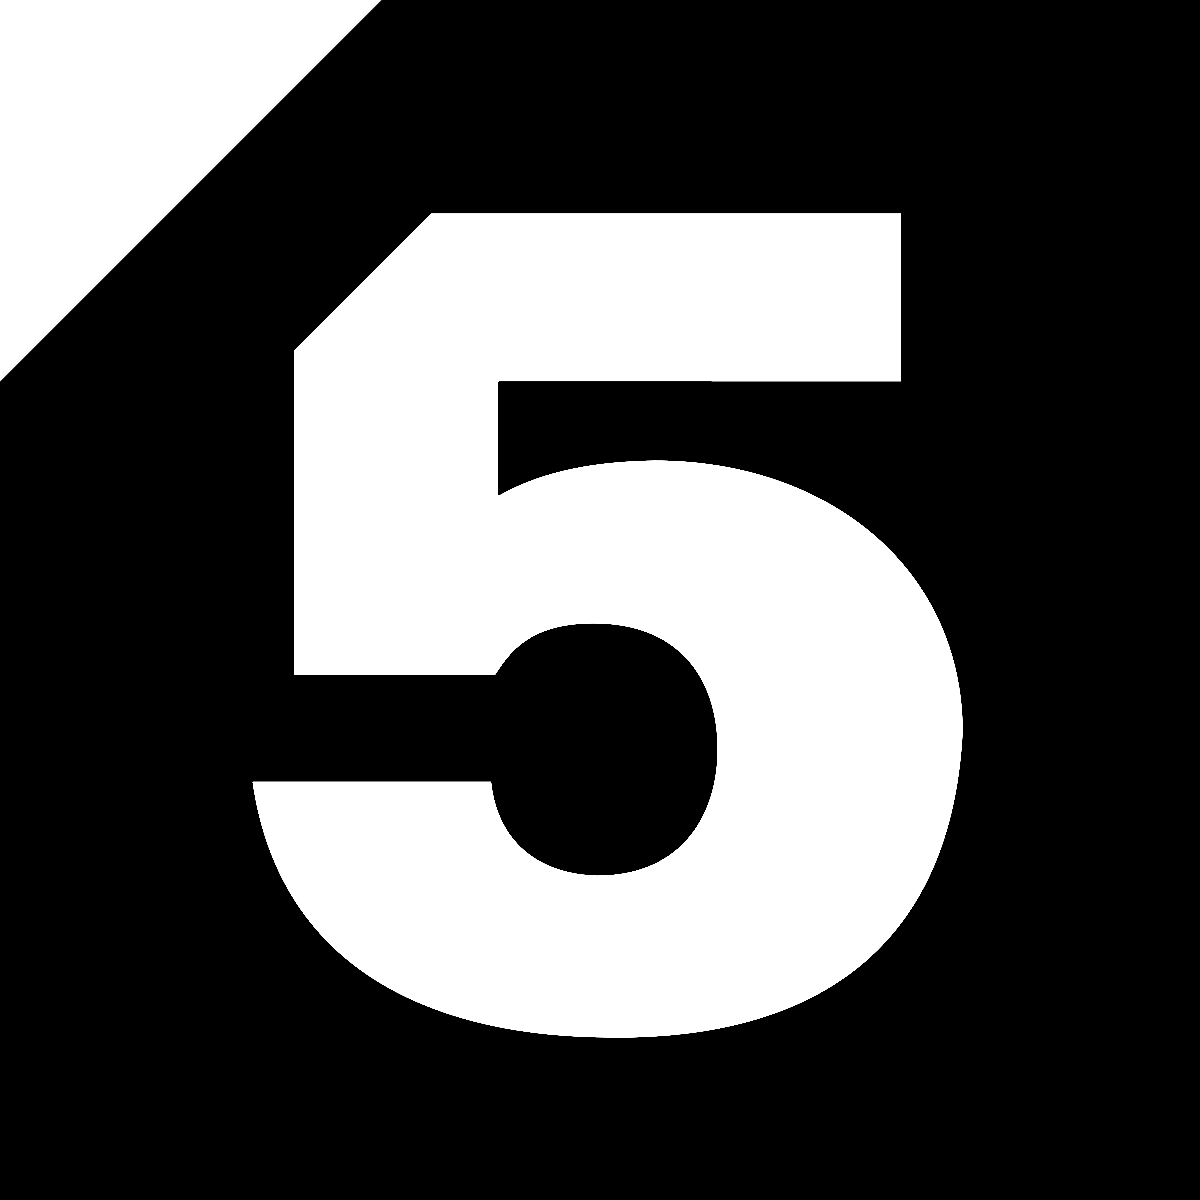 Гарантия светильника СТАРК-6 - 5 лет